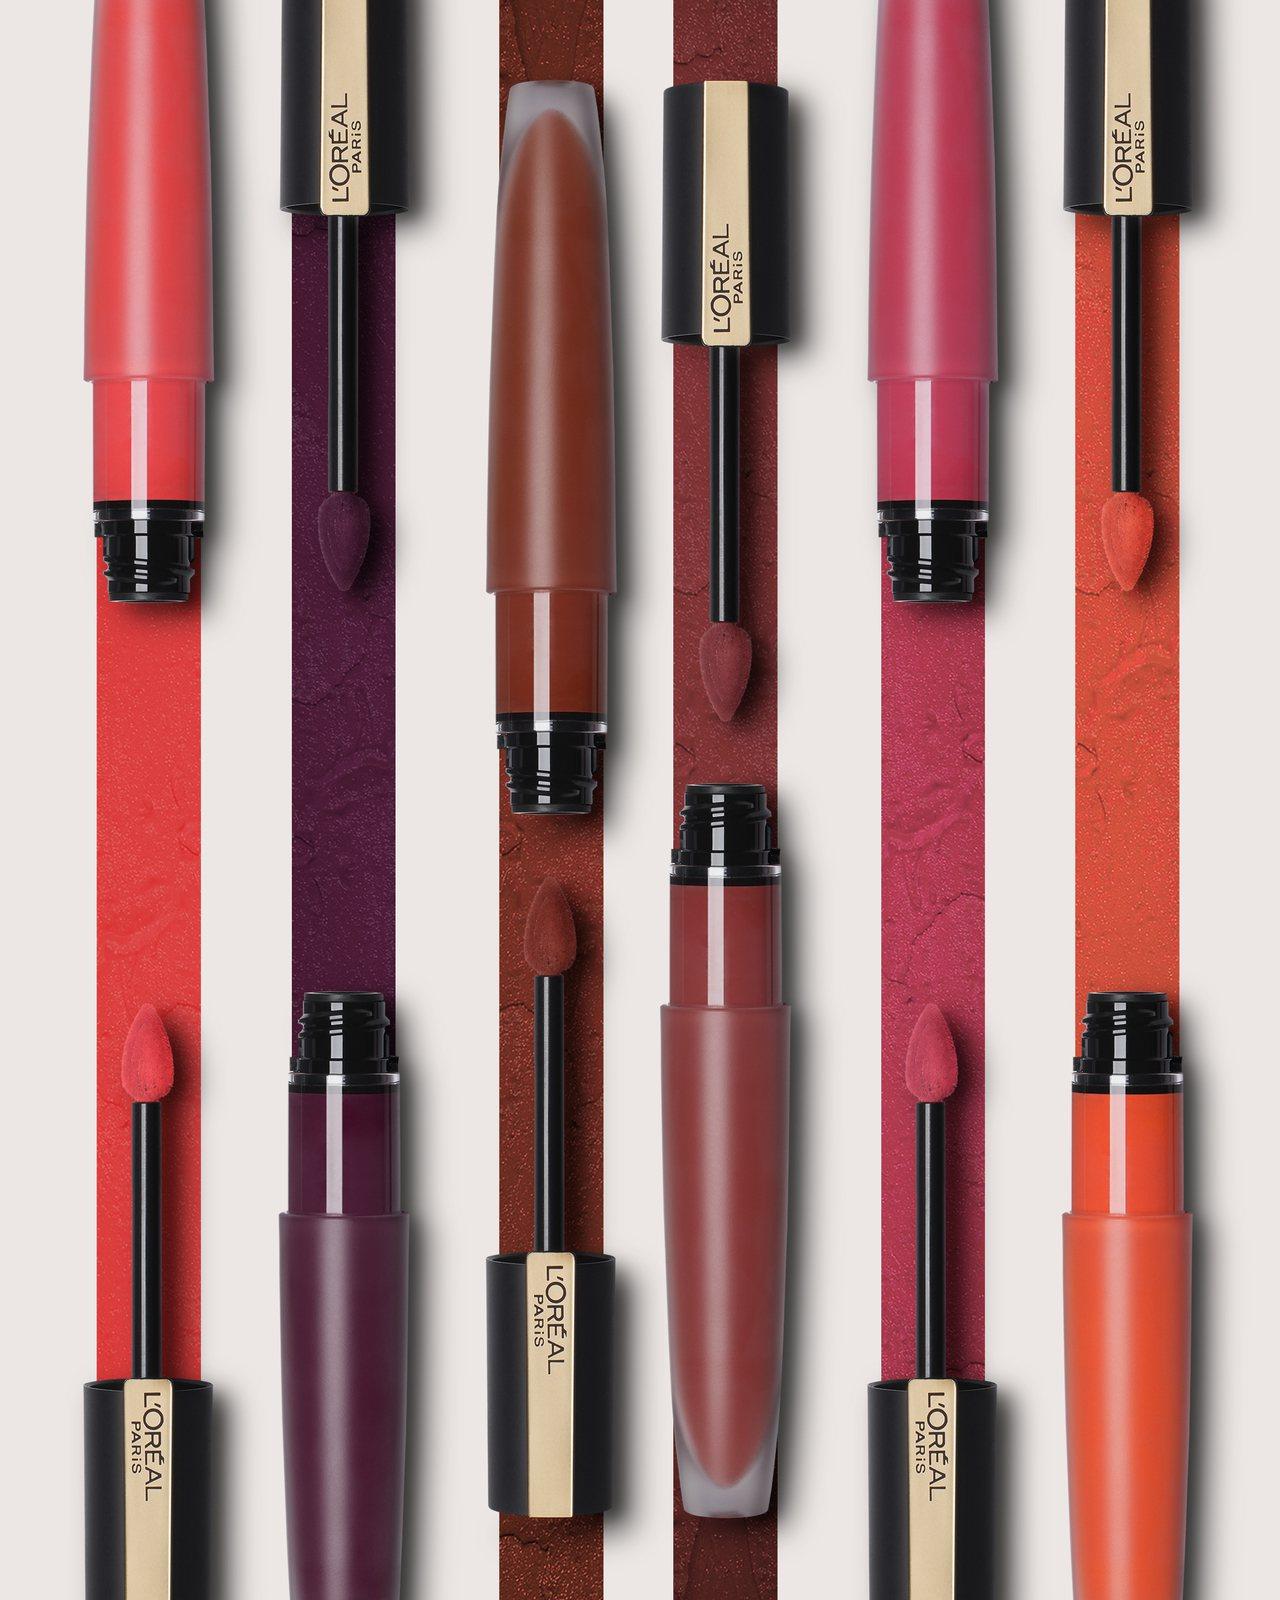 巴黎萊雅持色印記空氣吻唇露將於9月推出全新4色。圖/巴黎萊雅提供